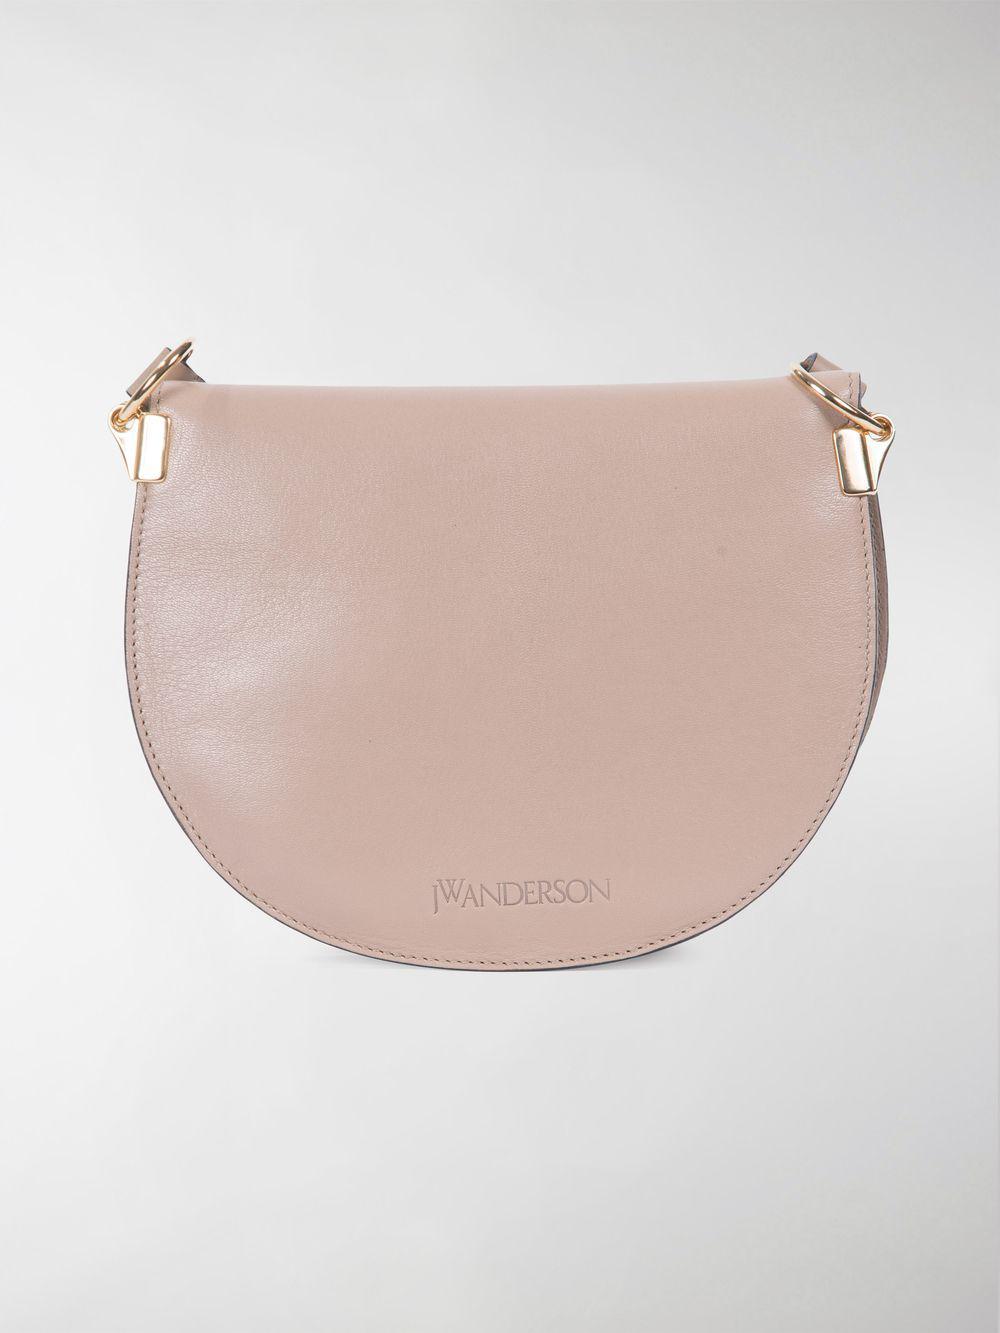 JW Anderson Leather Latch Crossbody Bag